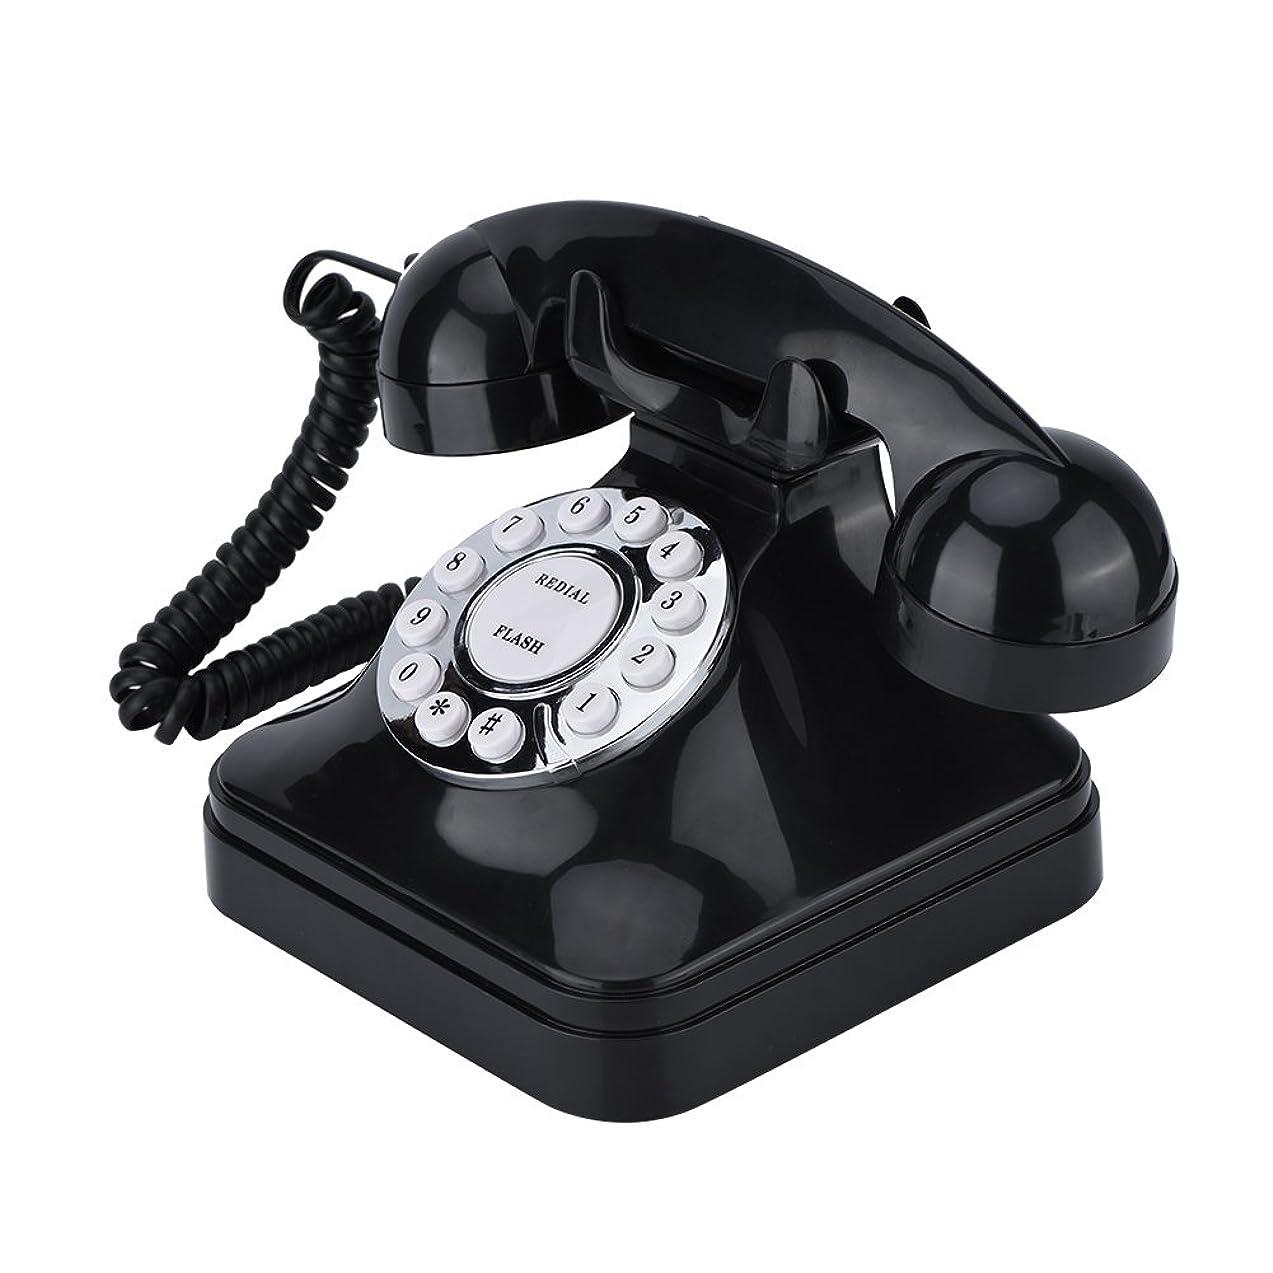 通貨神社折り目Acouto [固定電話] ヴィンテージブラック多機能固定電話 ヴィンテージの外観 デジタルコード電話機 フラッシュ リダイヤル リザーブ 電話機